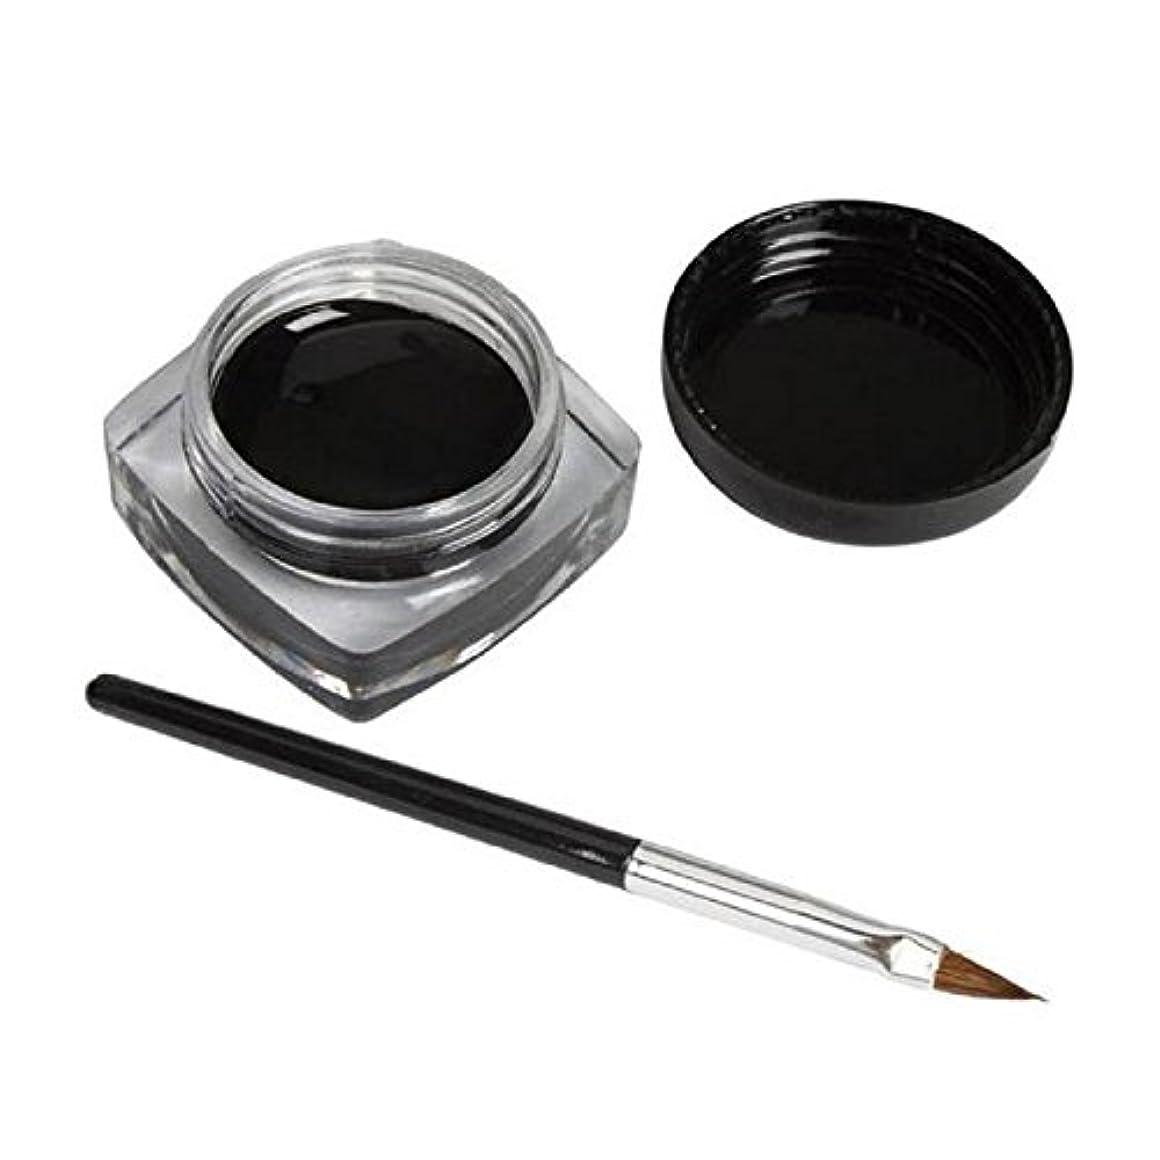 瞑想する検査以来2pc ミニアイライナージェルクリーム YOKINO アイライナージェル 黒 ブラック 防水 アイライナー ペーストペン 長持ち メイク アイメイク 高品質 自然